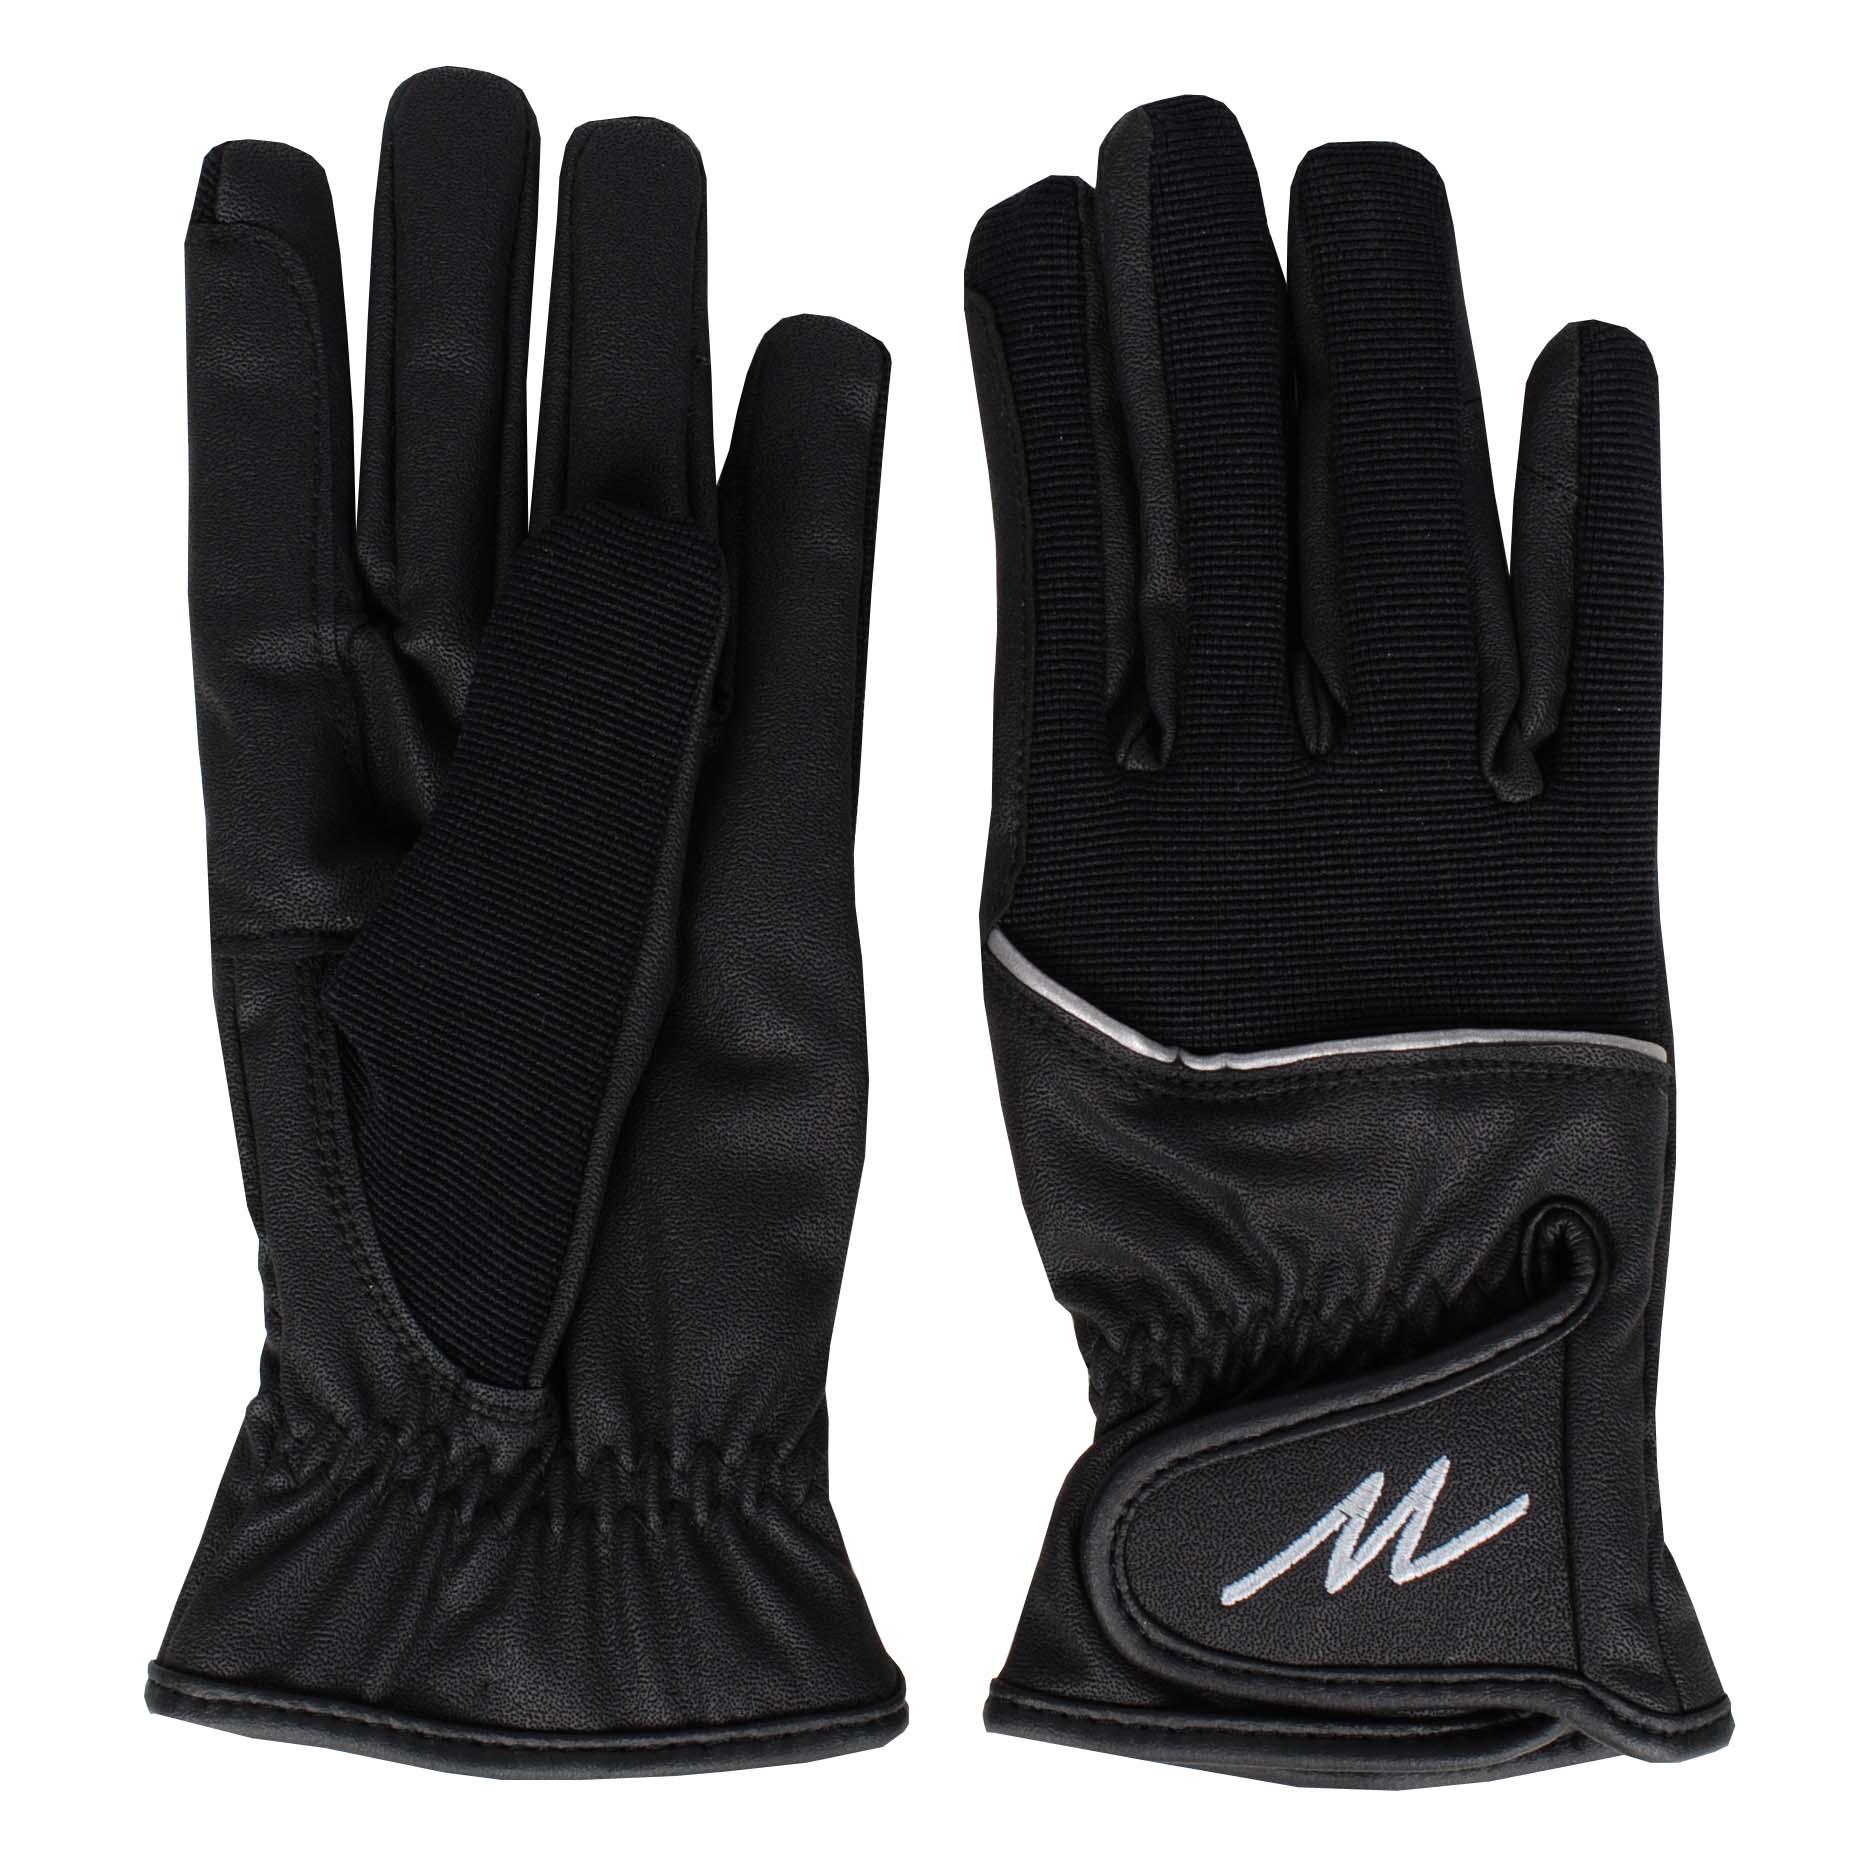 Mondoni Mendoza winter handschoenen zwart maat:s